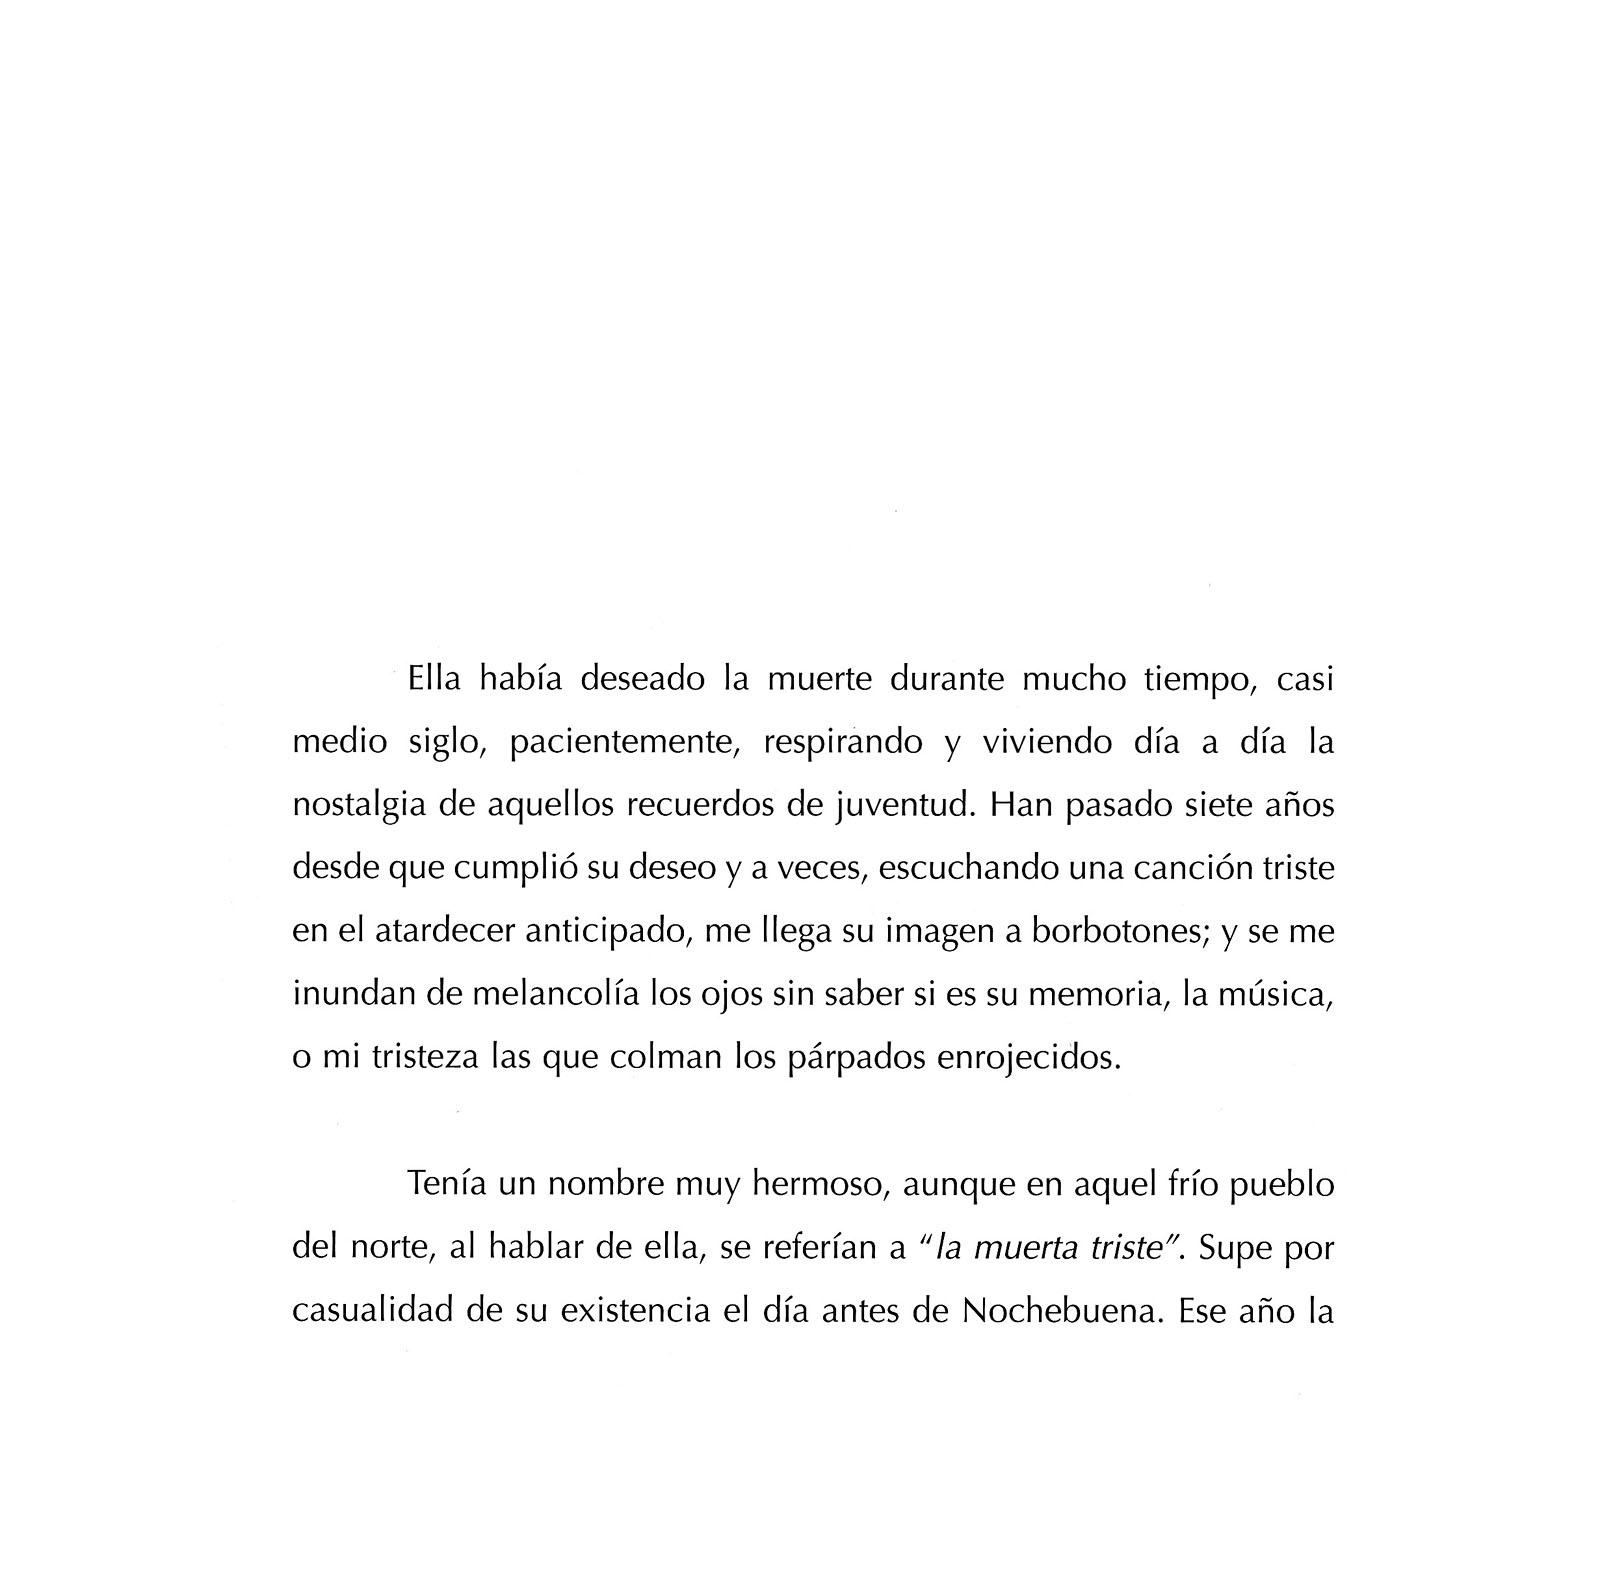 danielvillalobos-calderonsamaniego-shortnovel-spanishliterature-6